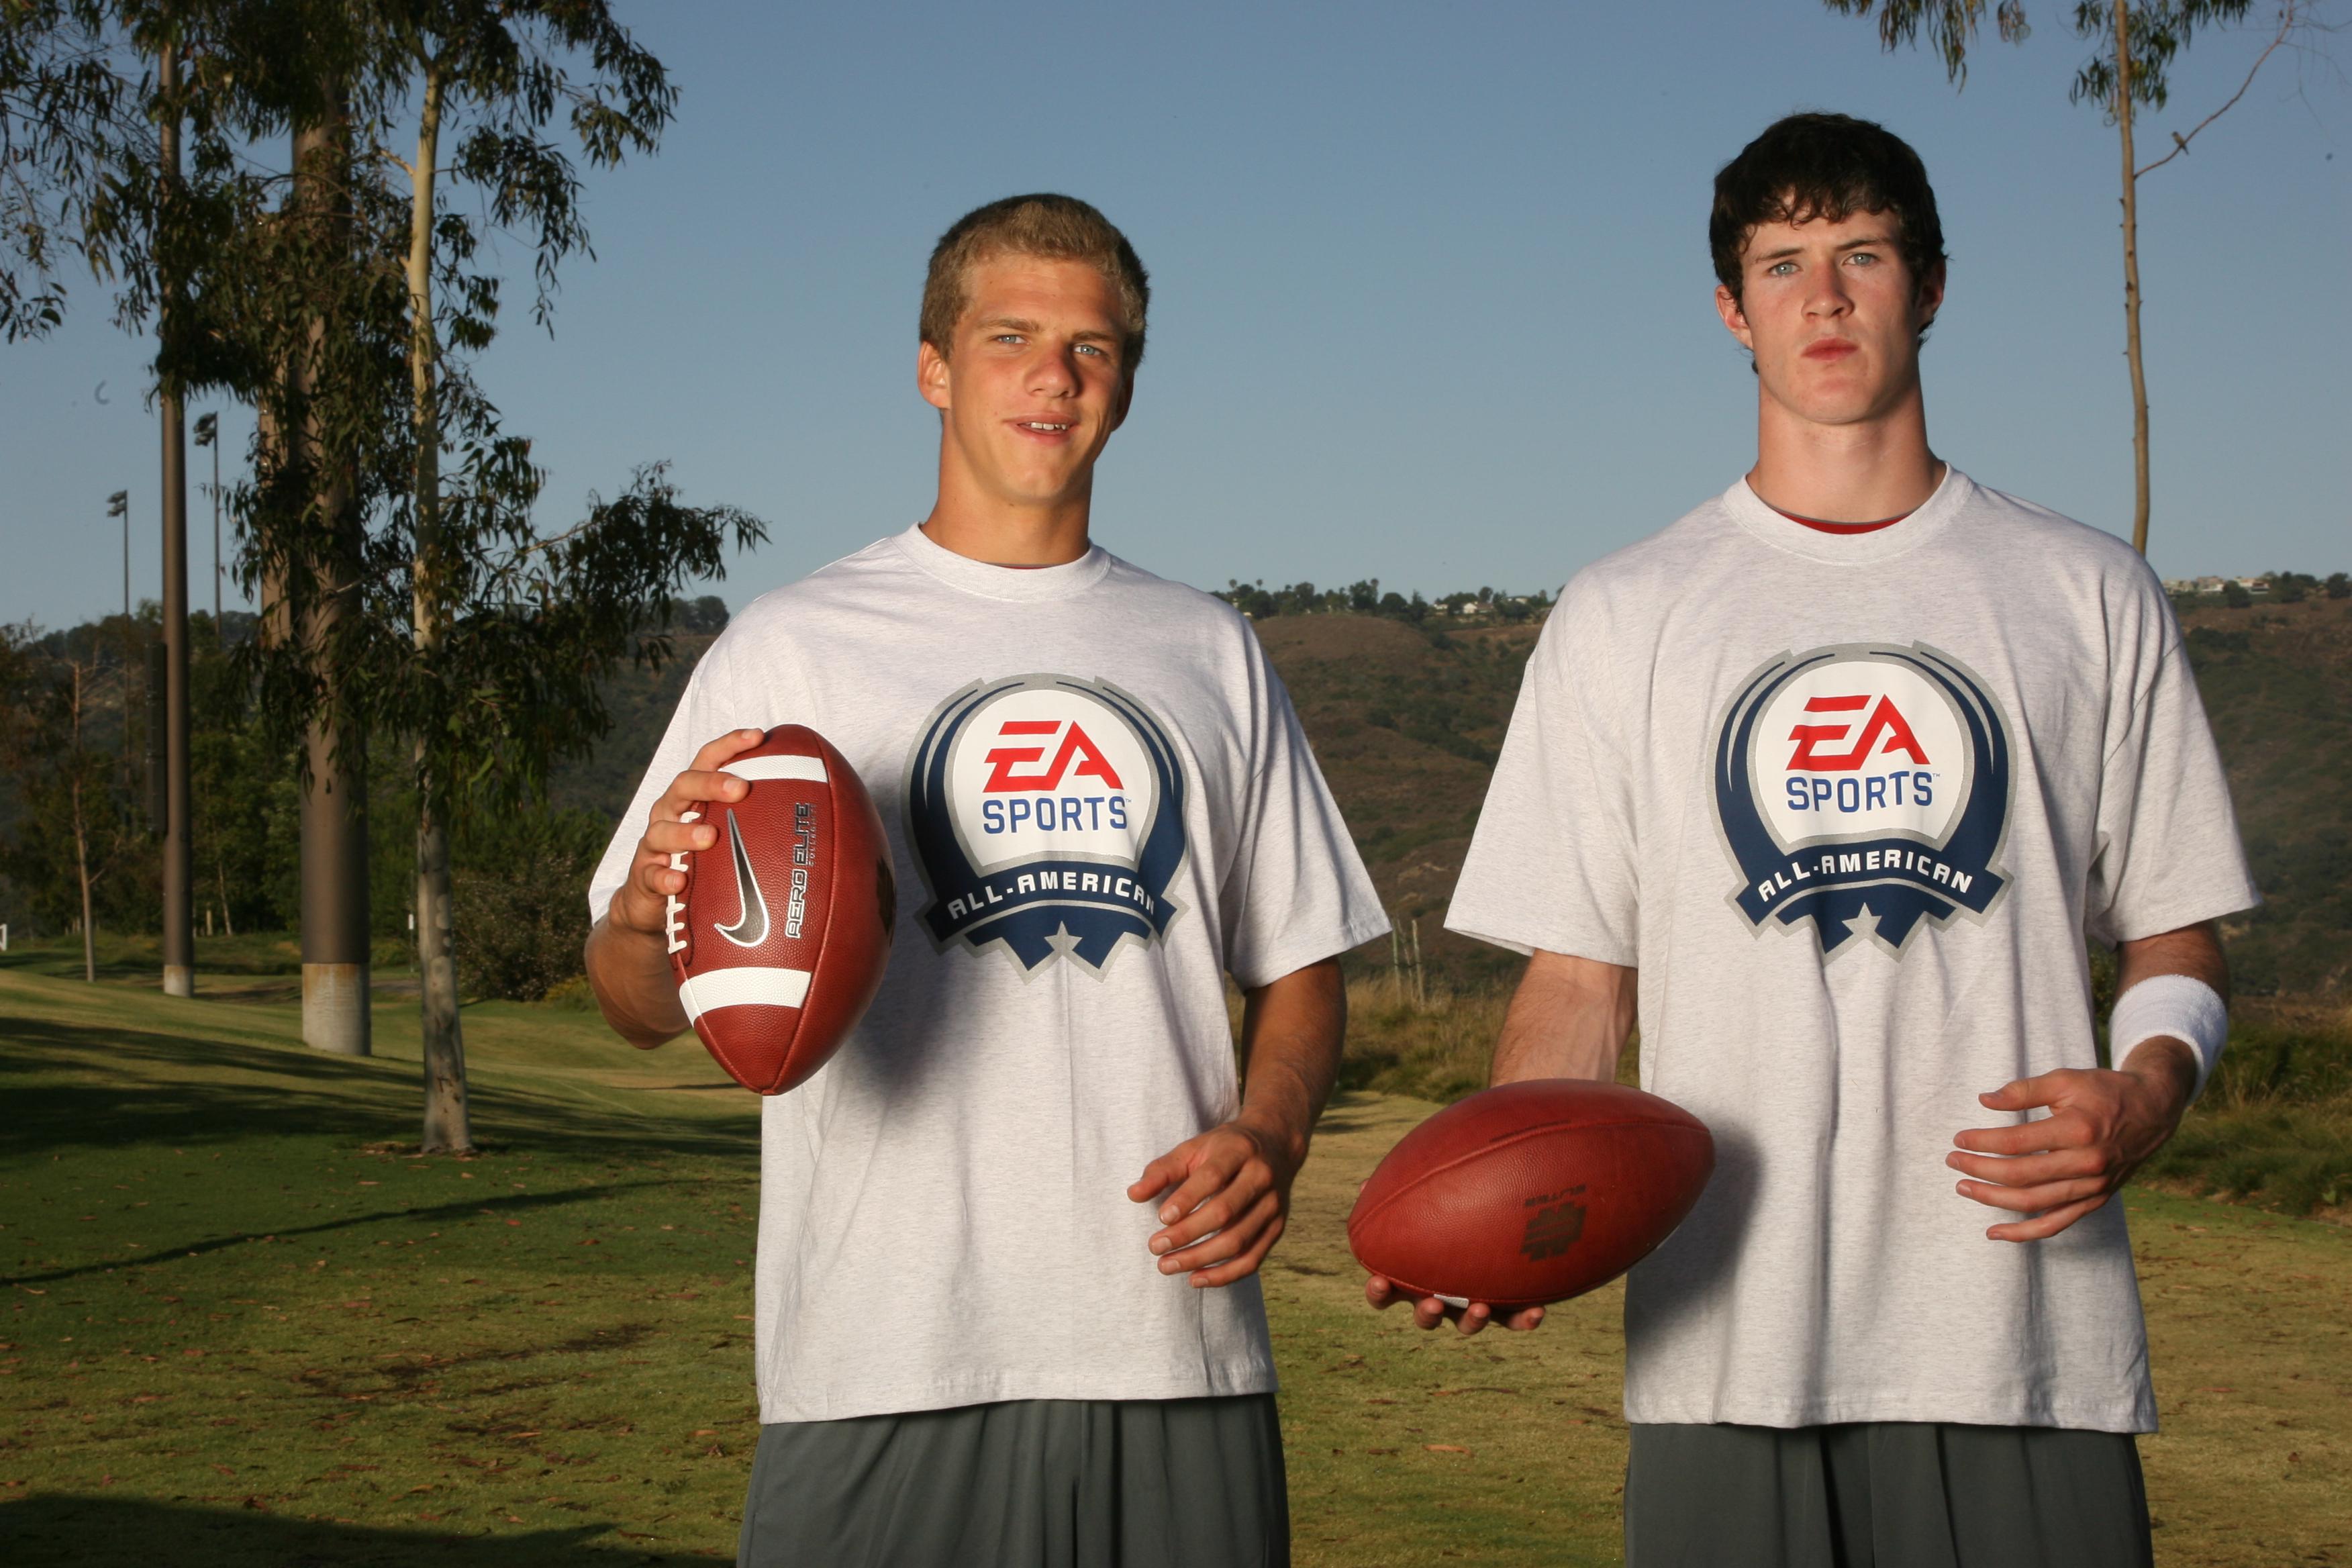 Austin Hinder and Nick Montana